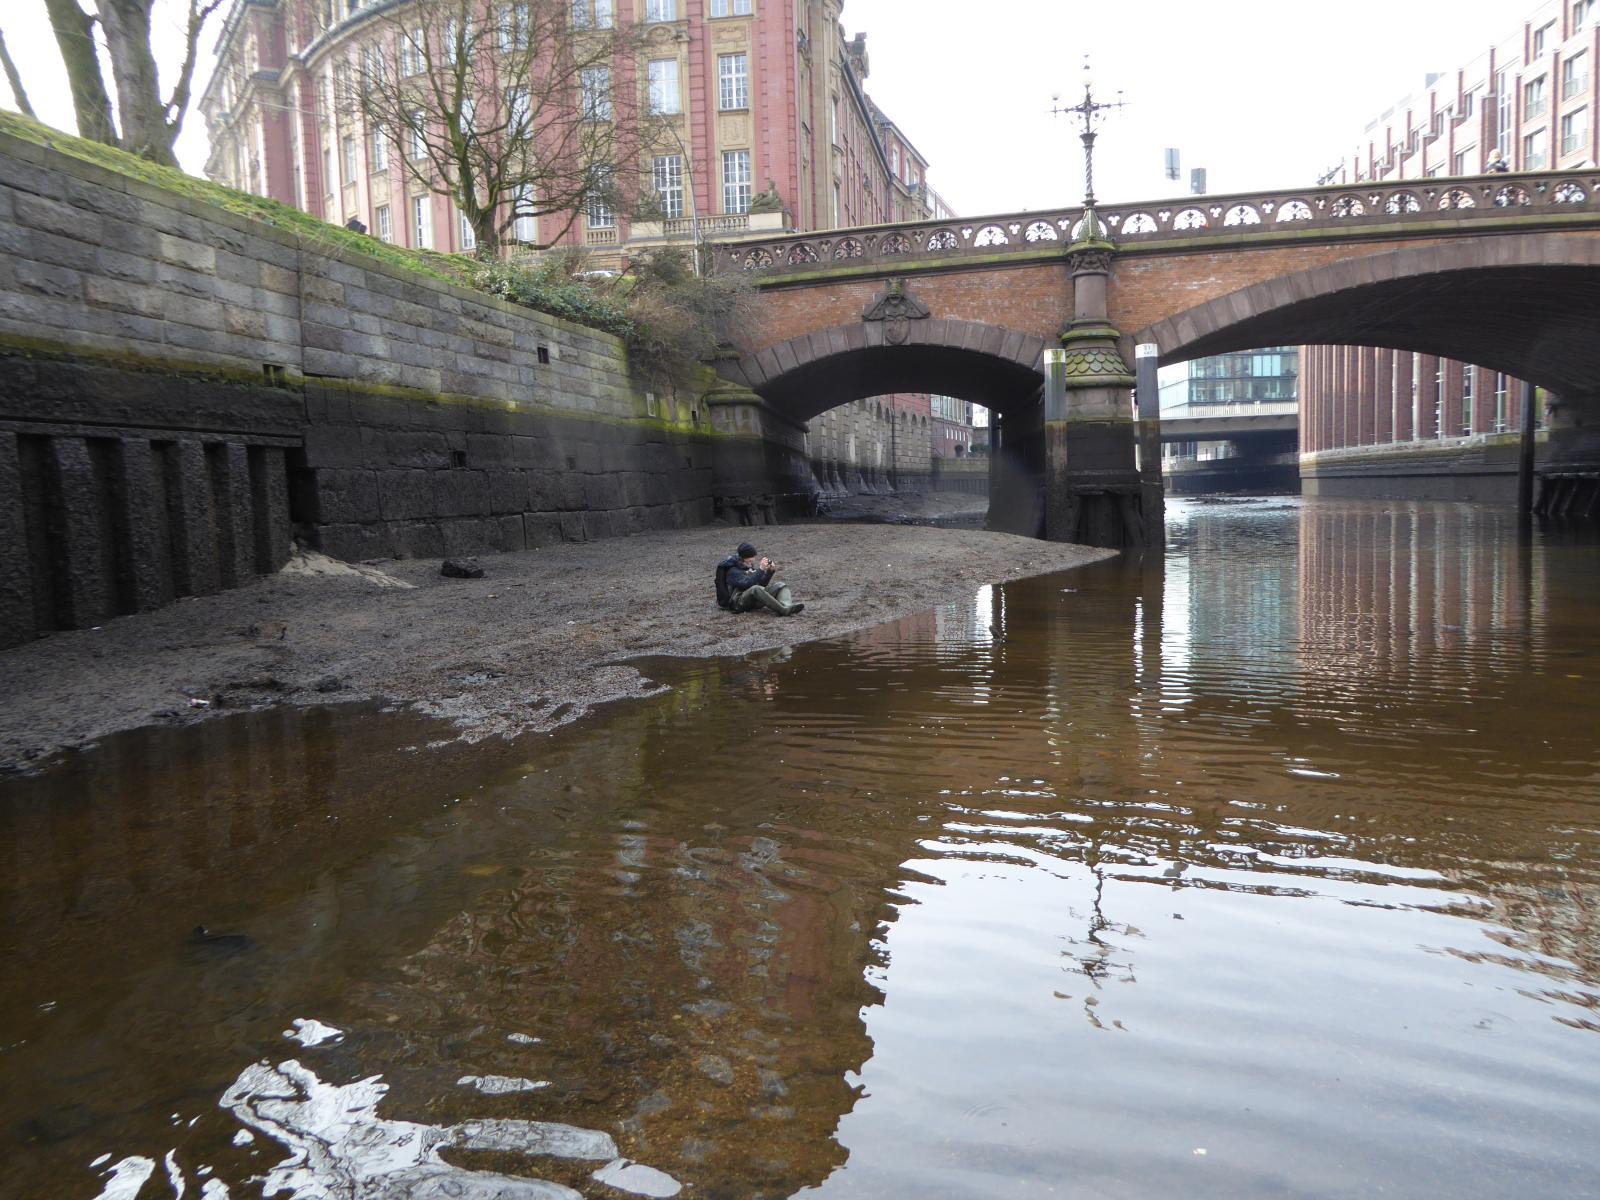 Welches Leben im Gewässerkorridor ist in der Innenstadt noch möglich? Diese Frage stellte sich unter anderen die Tagung am 28.05.2015